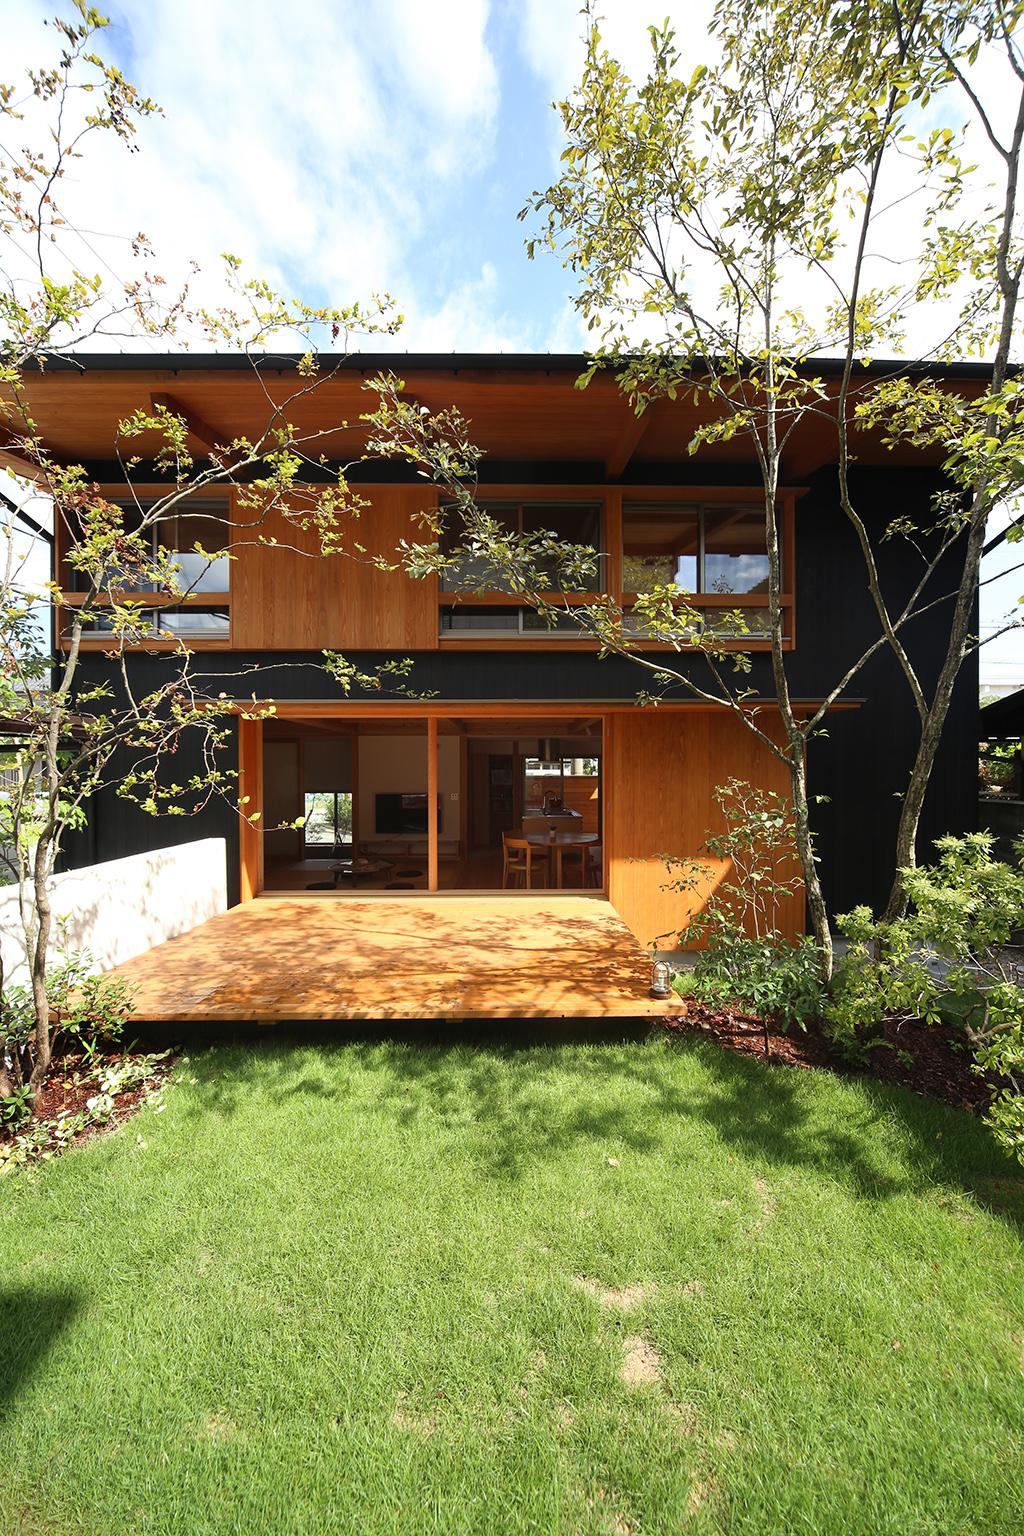 姫路市の木の家 芝生の庭から家を見る